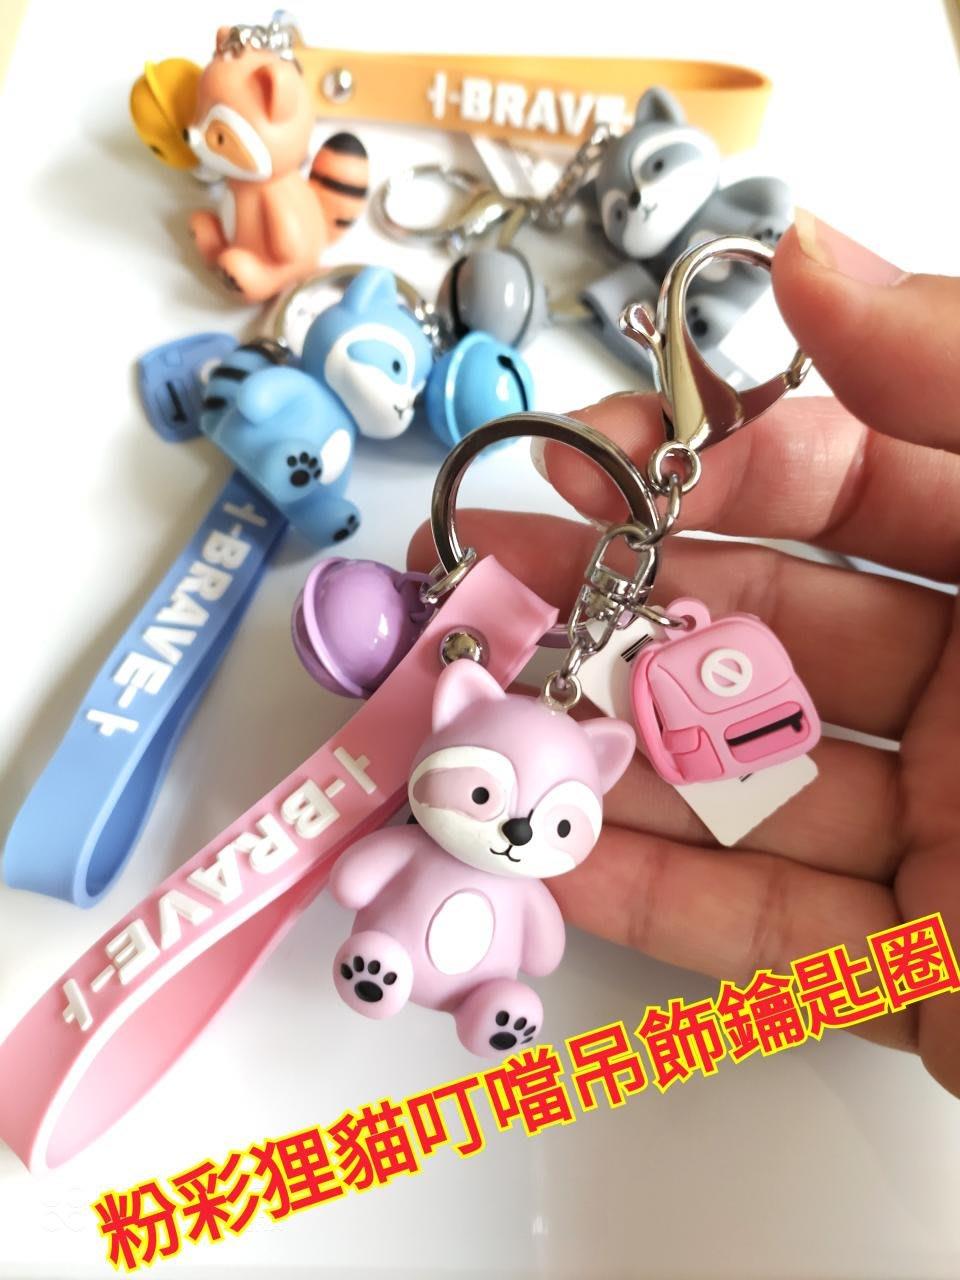 粉彩狸貓叮噹 吊飾 鑰匙圈 配件 包包掛飾 飾品 送禮 生日